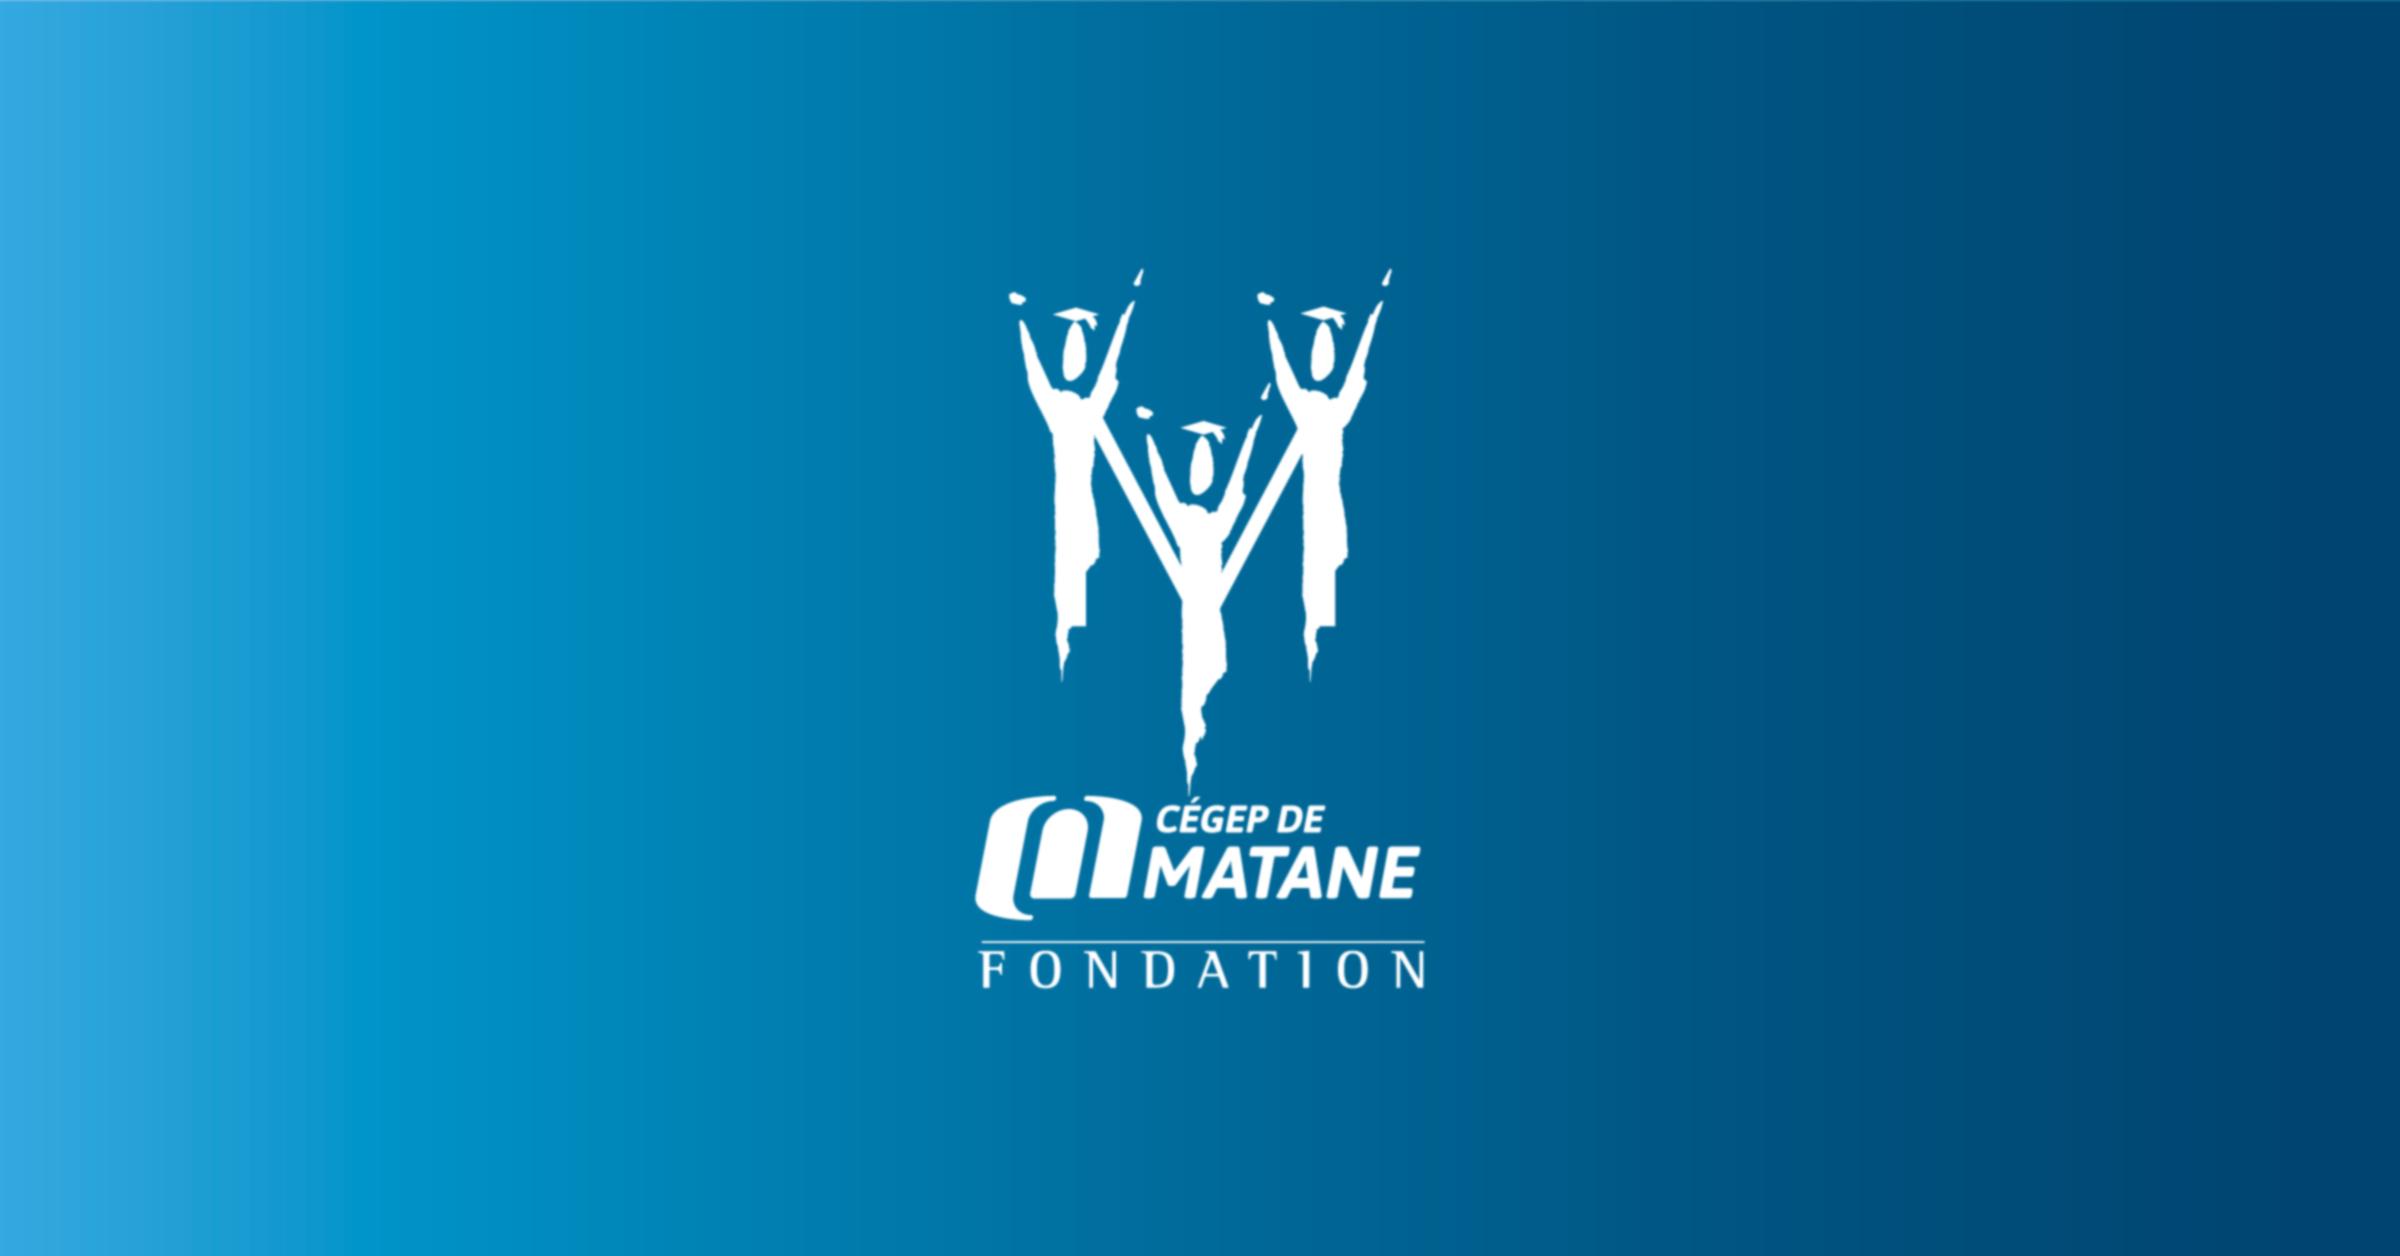 Invitation à l'assemblée générale annuelle de la Fondation du Cégep de Matane